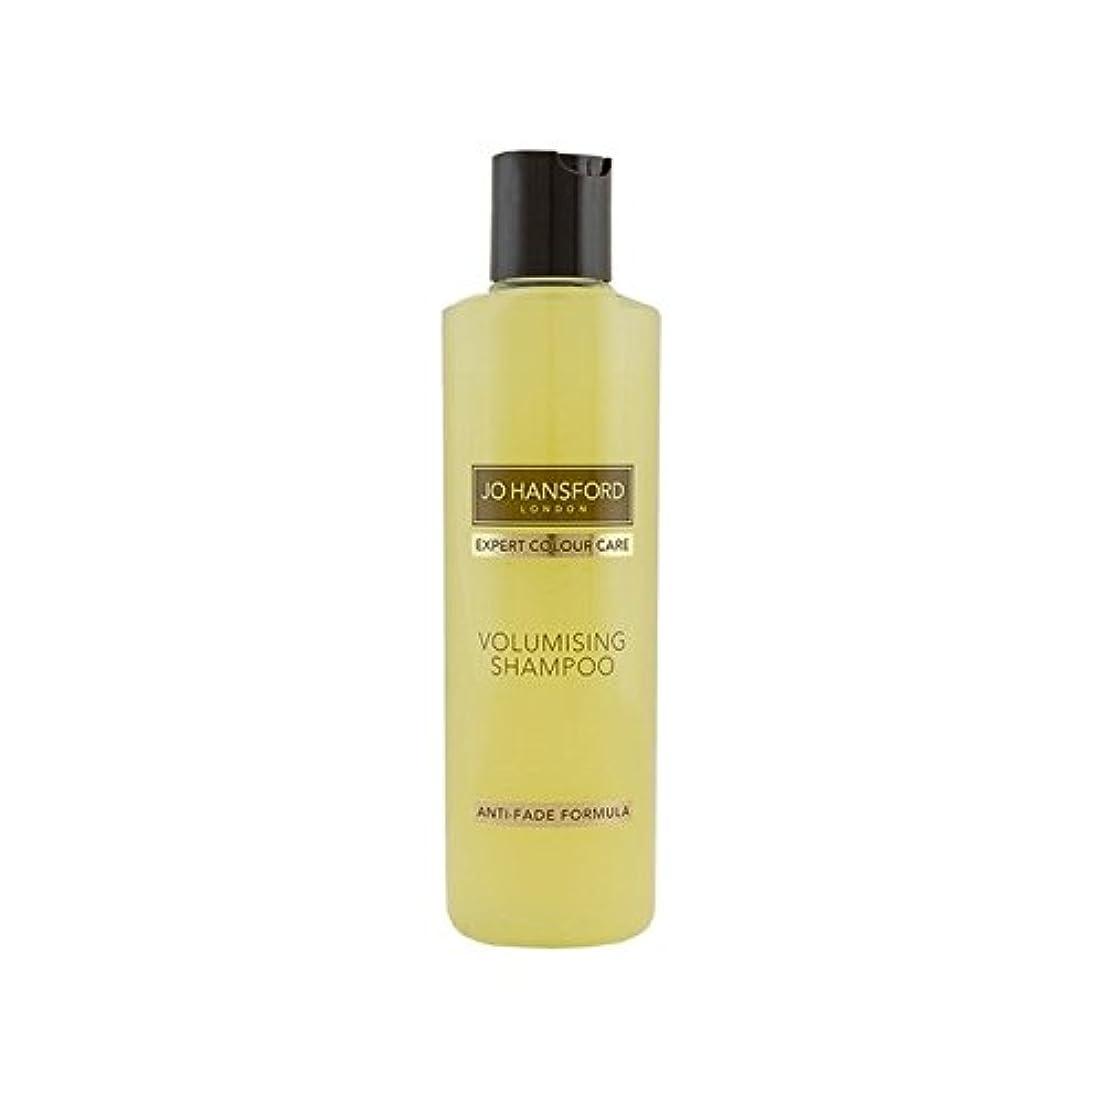 プレゼンターゲインセイ驚くべきJo Hansford Volumising Shampoo (250ml) - ジョー?ハンスフォード シャンプー(250ミリリットル) [並行輸入品]